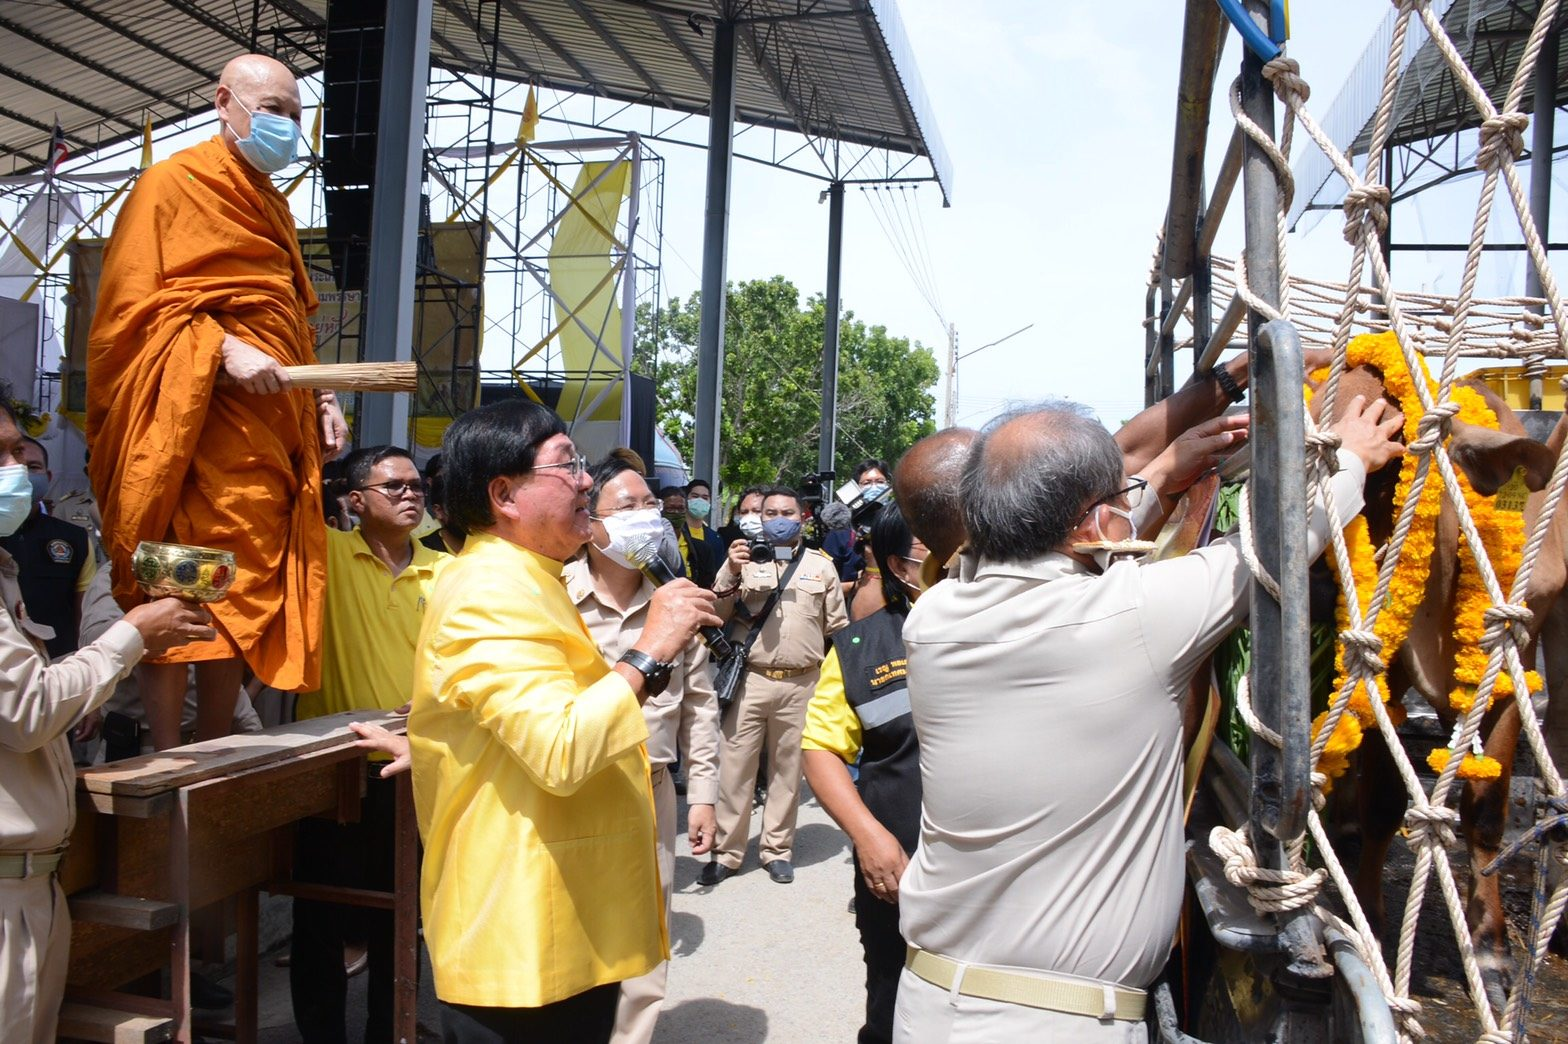 'ประภัตร' ปล่อยขบวนรถปศุสัตว์เคลื่อนที่ พร้อมมอบโคในโครงการธนาคารโค-กระบือฯ ให้เกษตรกร